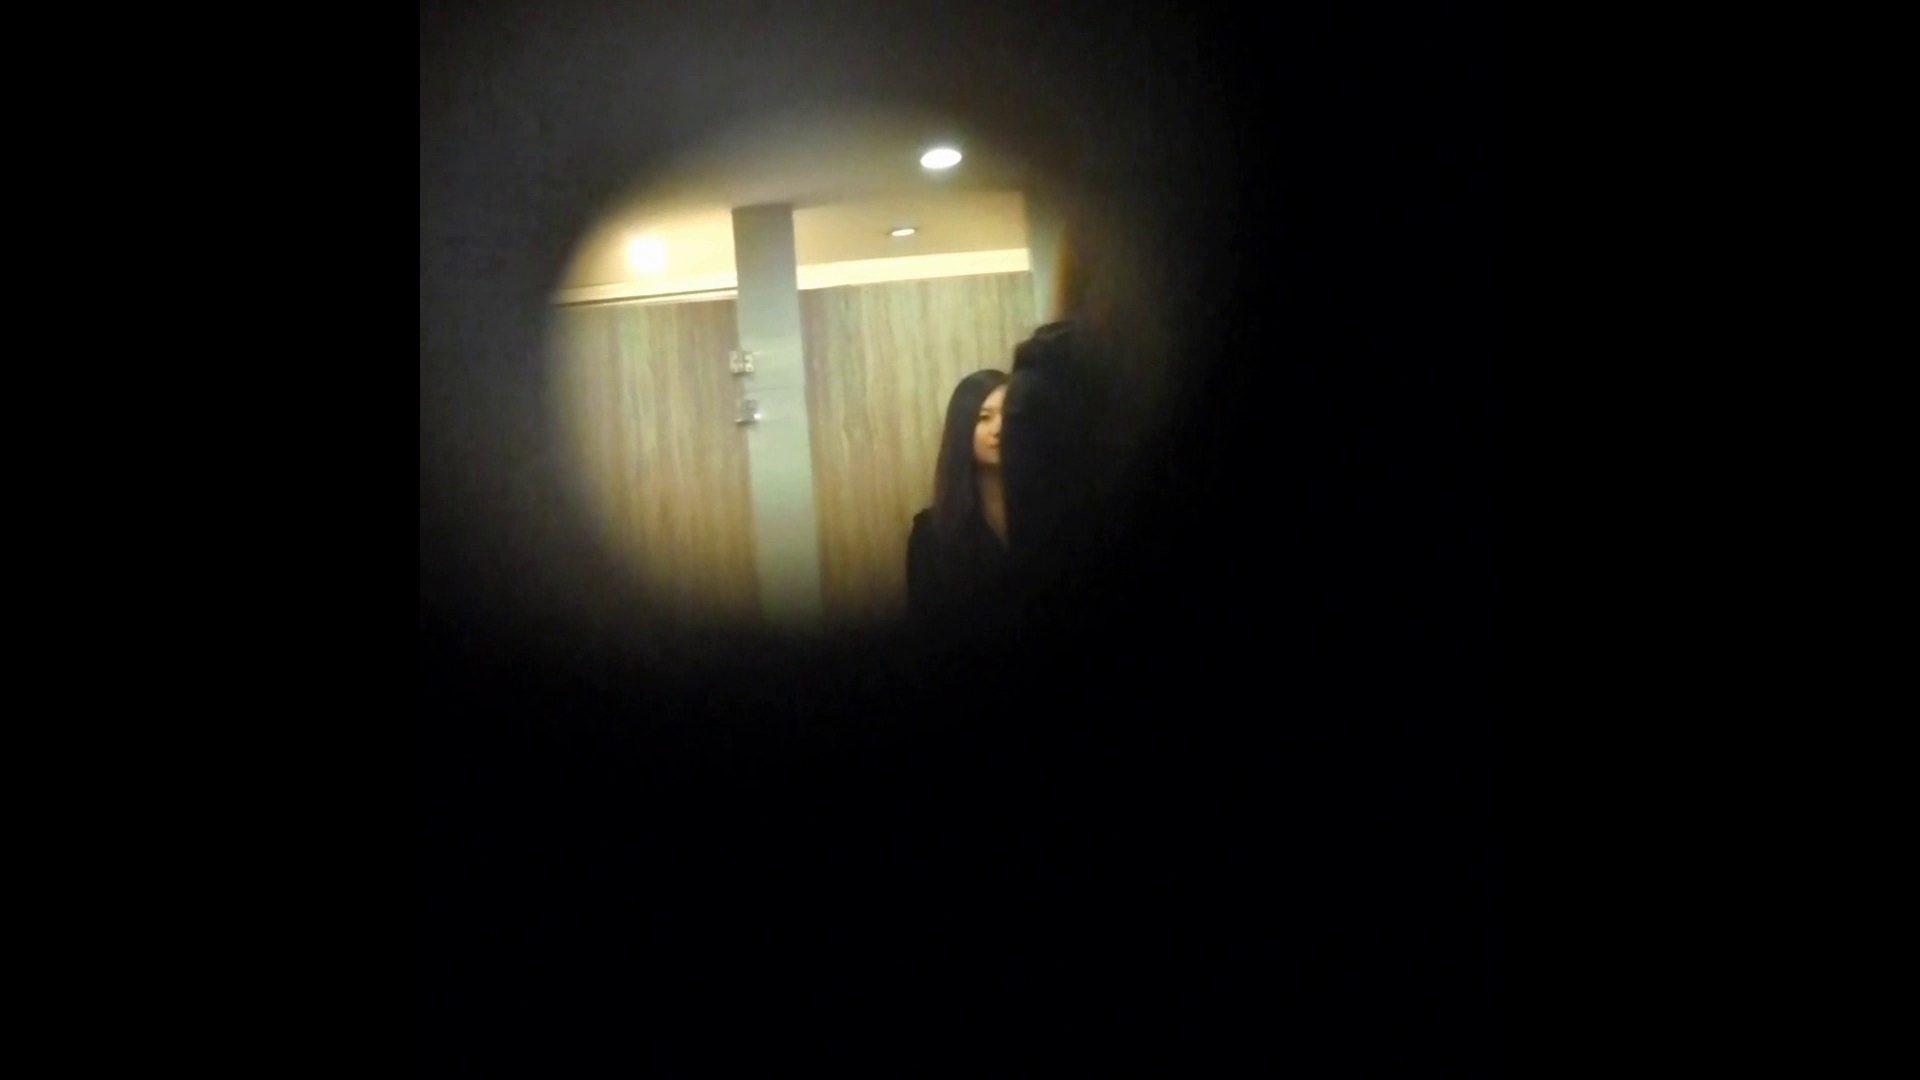 阿国ちゃんの和式洋式七変化 Vol.27 シリーズ最高作誕生 エッチなお姉さん セックス無修正動画無料 48画像 17